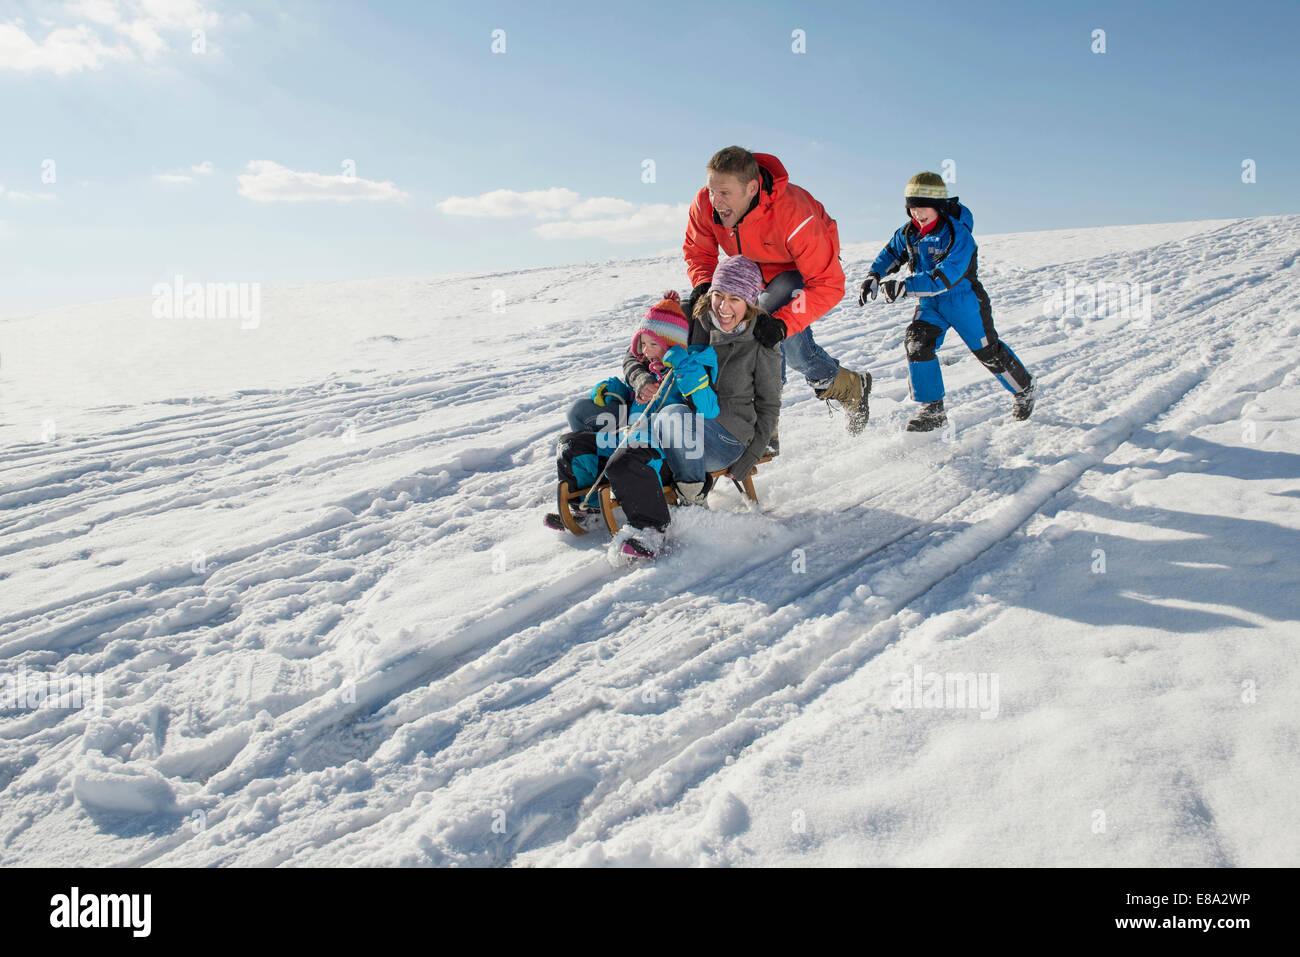 Family riding sledge, smiling, Bavaria, Germany - Stock Image